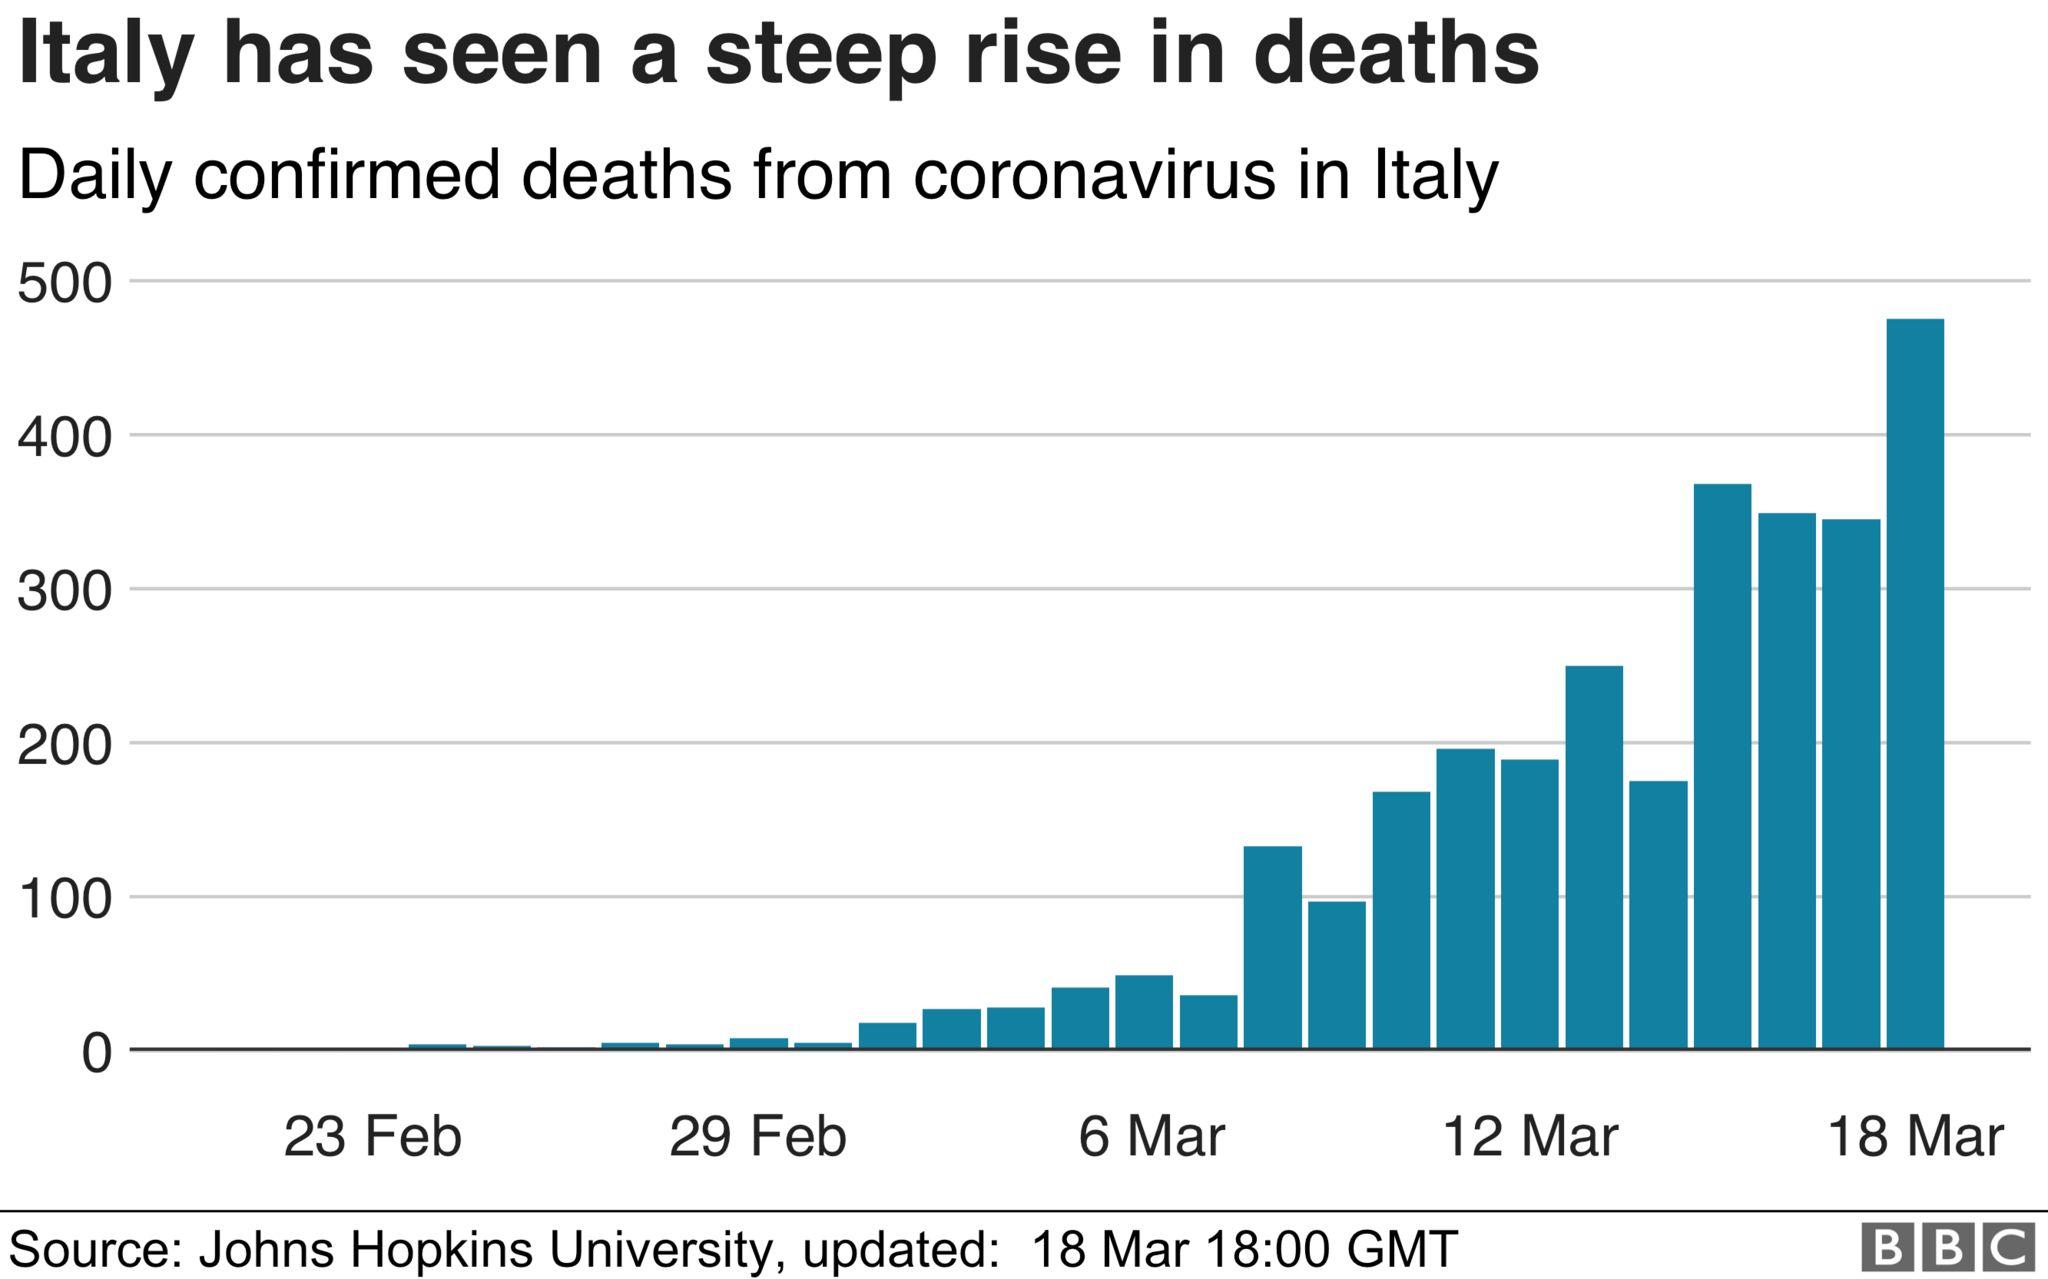 Coronavirus death rates in Italy